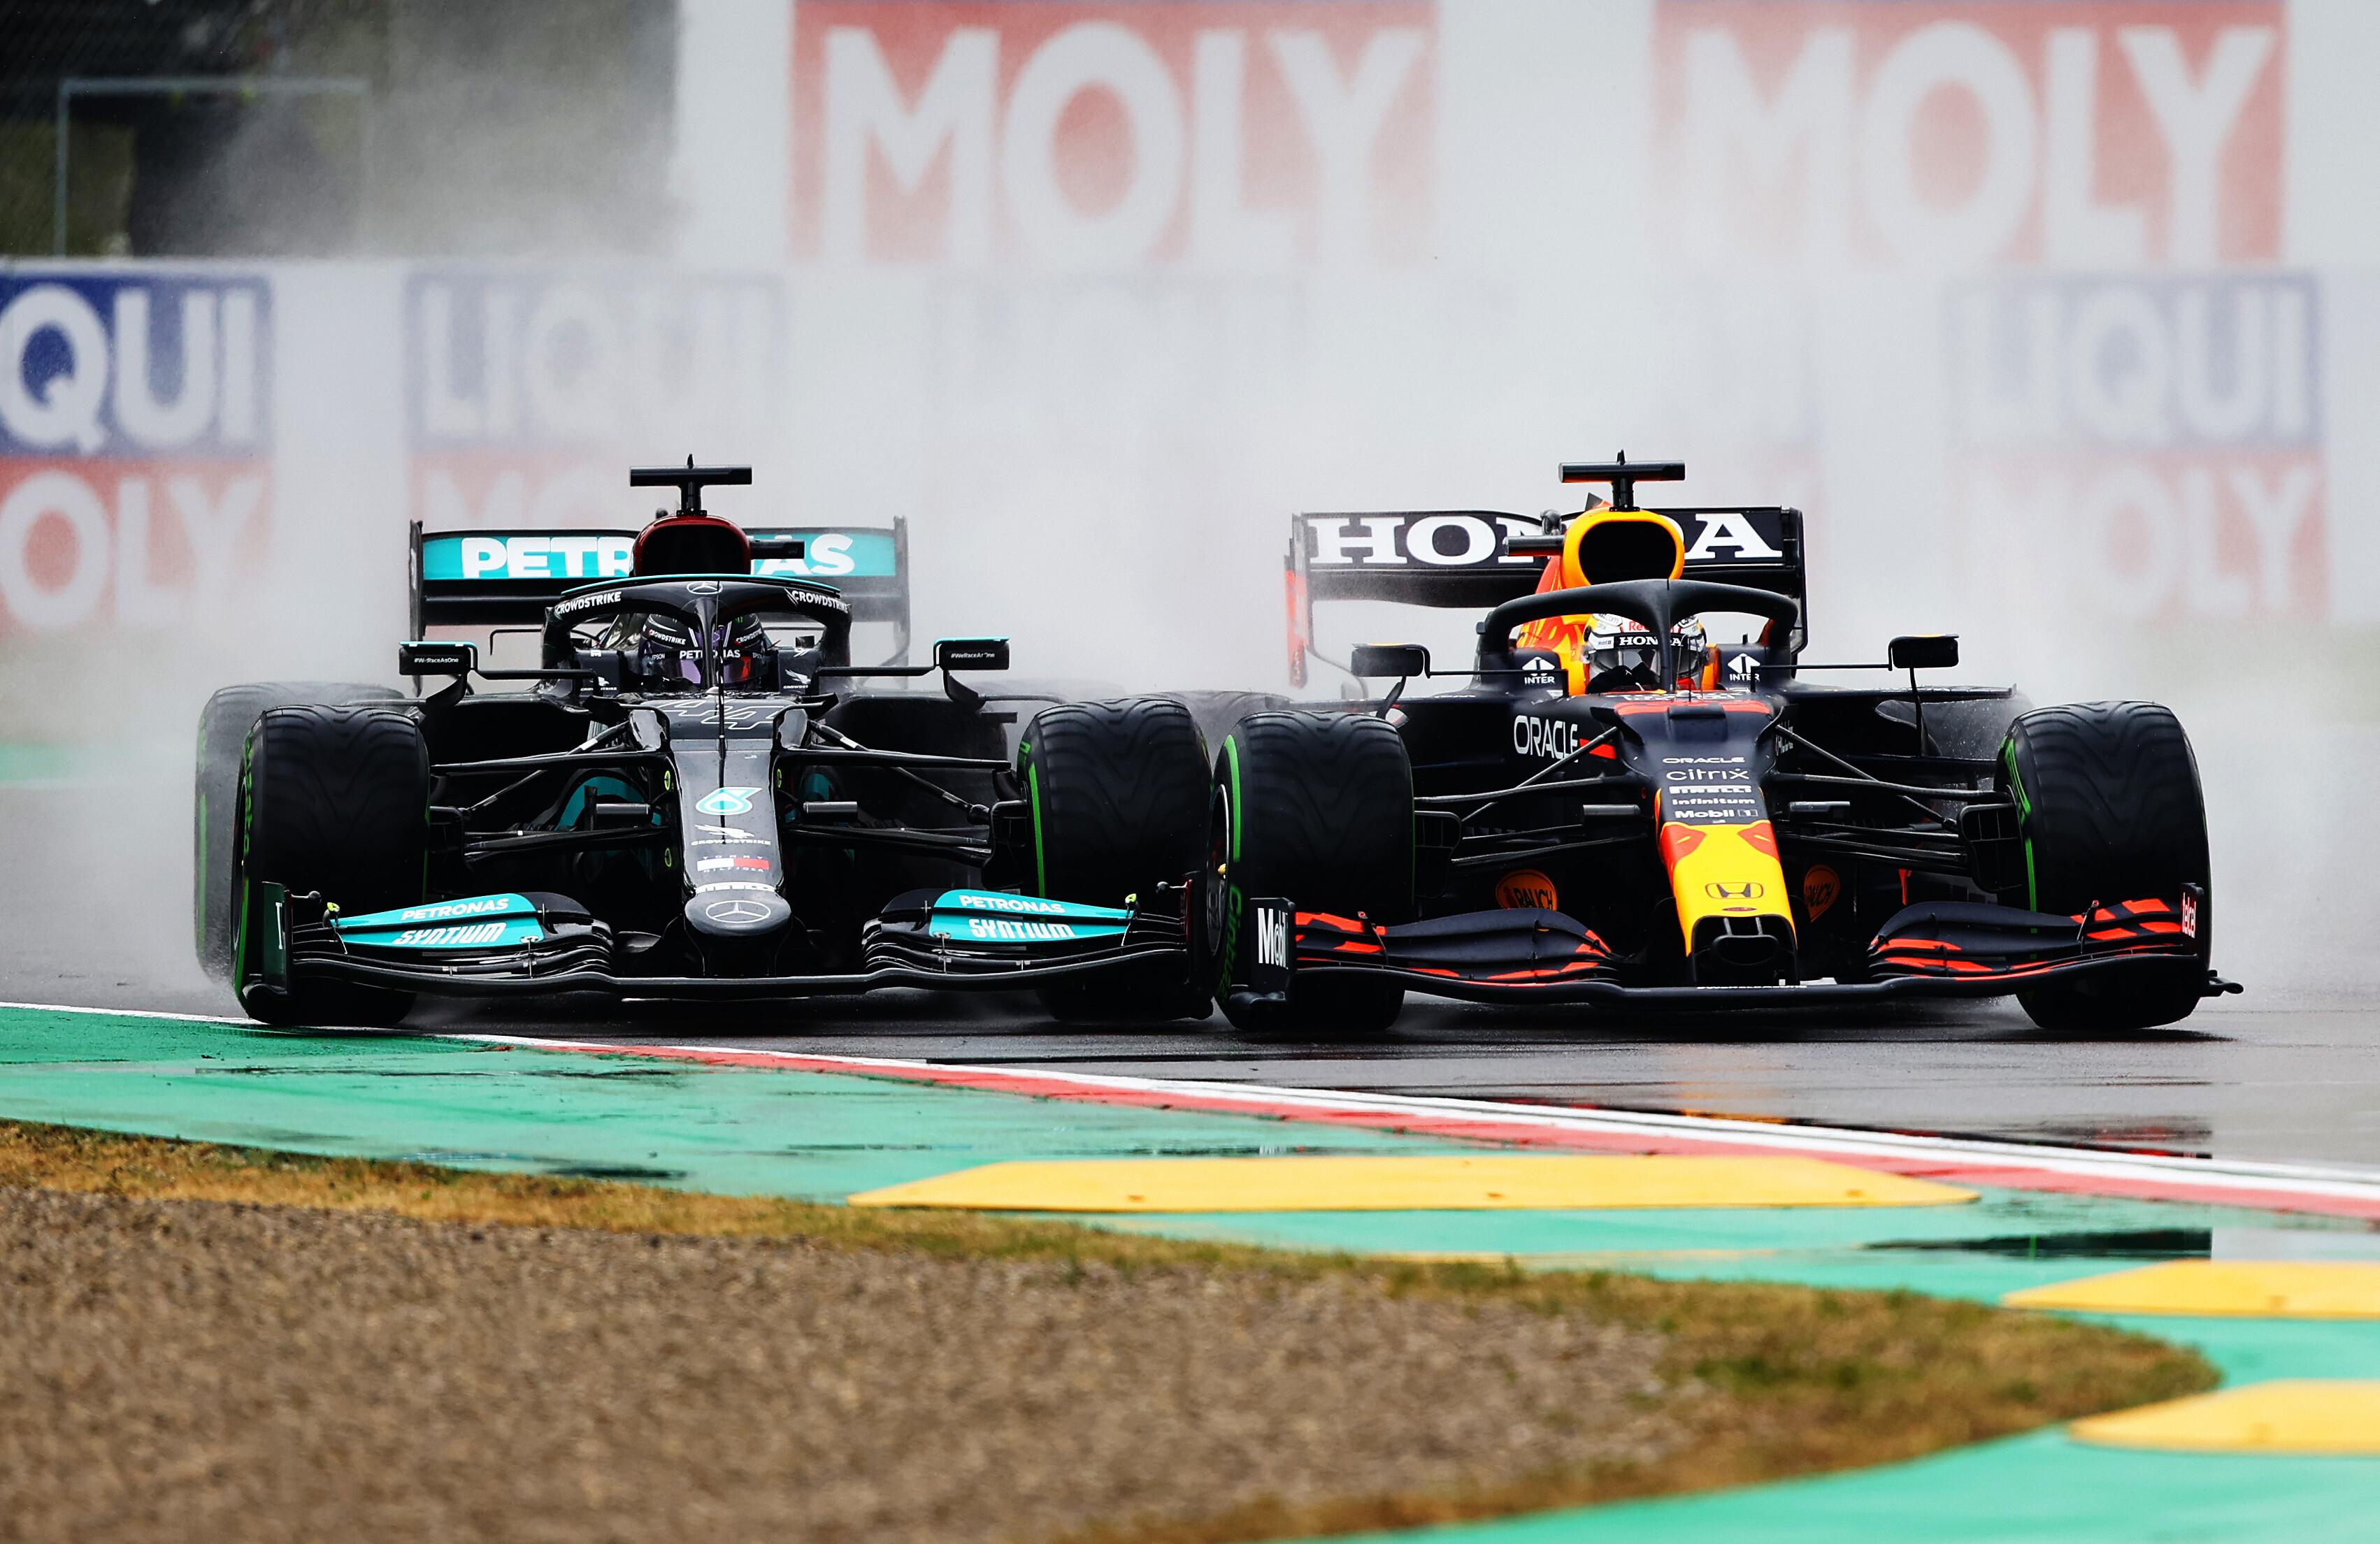 Formula 1 Imola 2021 Max Verstappen Lewis Hamilton